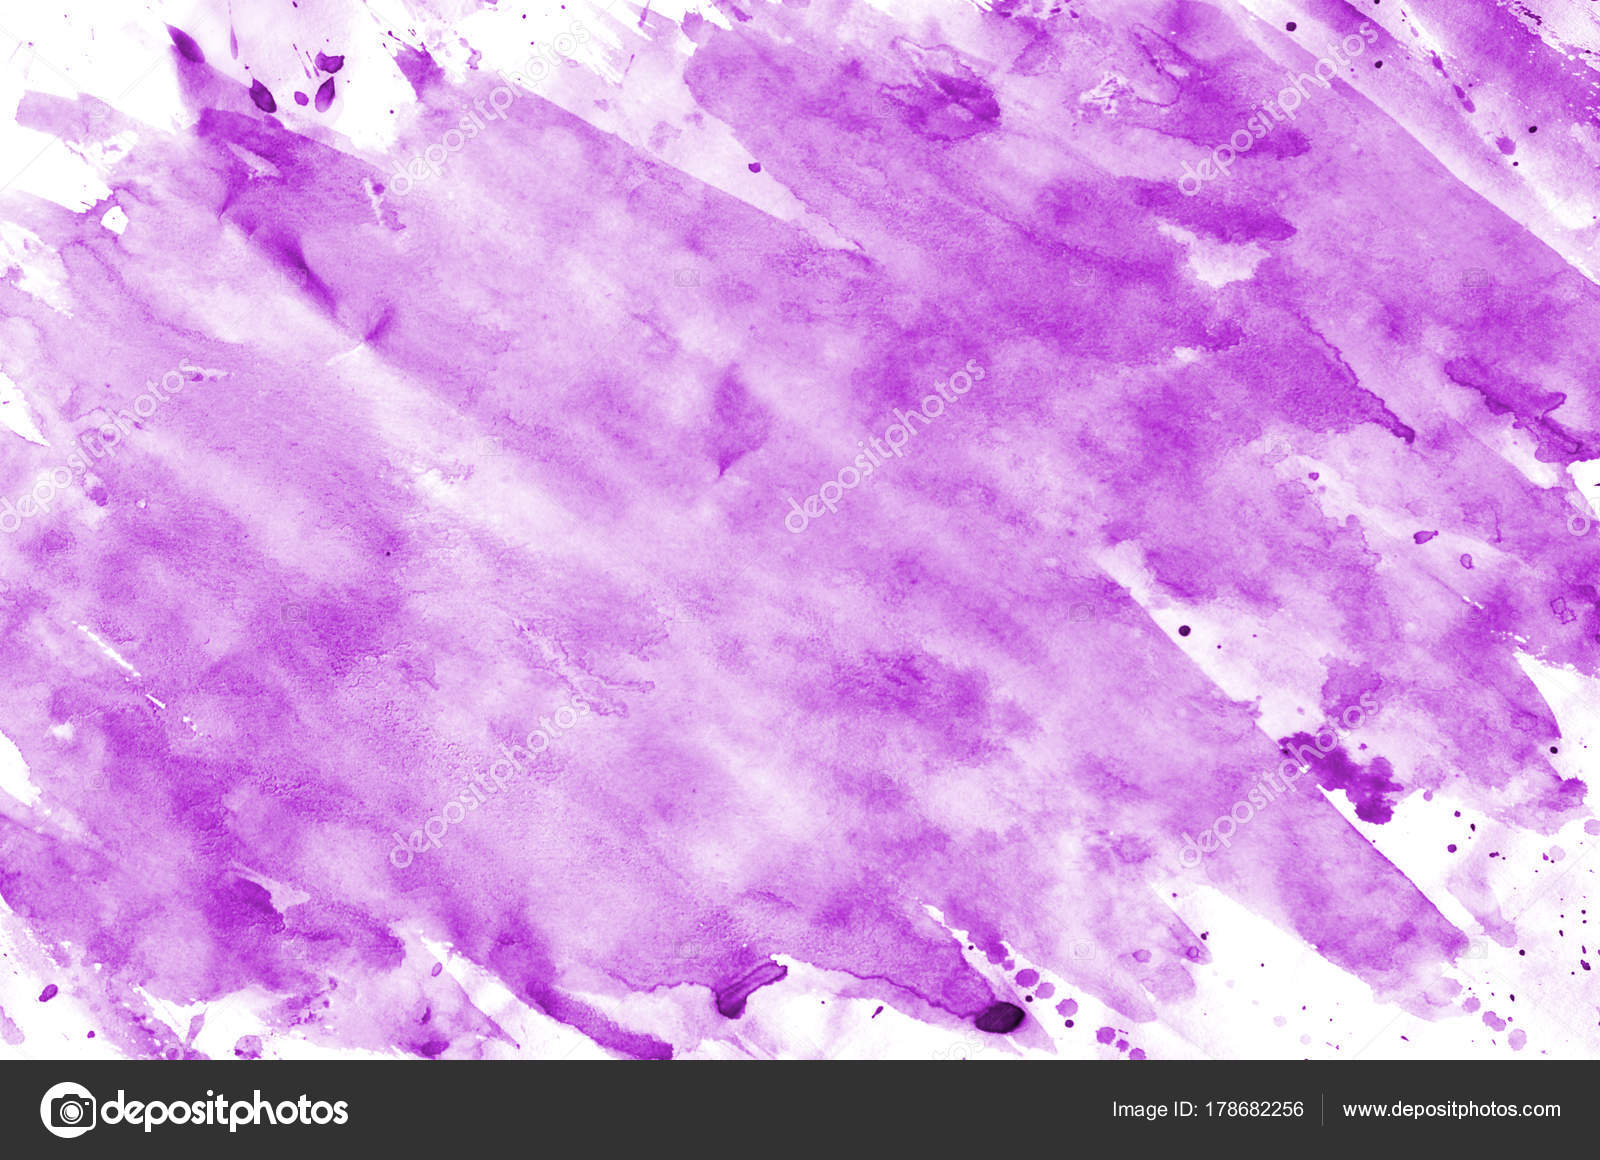 Abstrakte Aquarell Hintergrundbild Der Gemischten Bunten Flecken Der